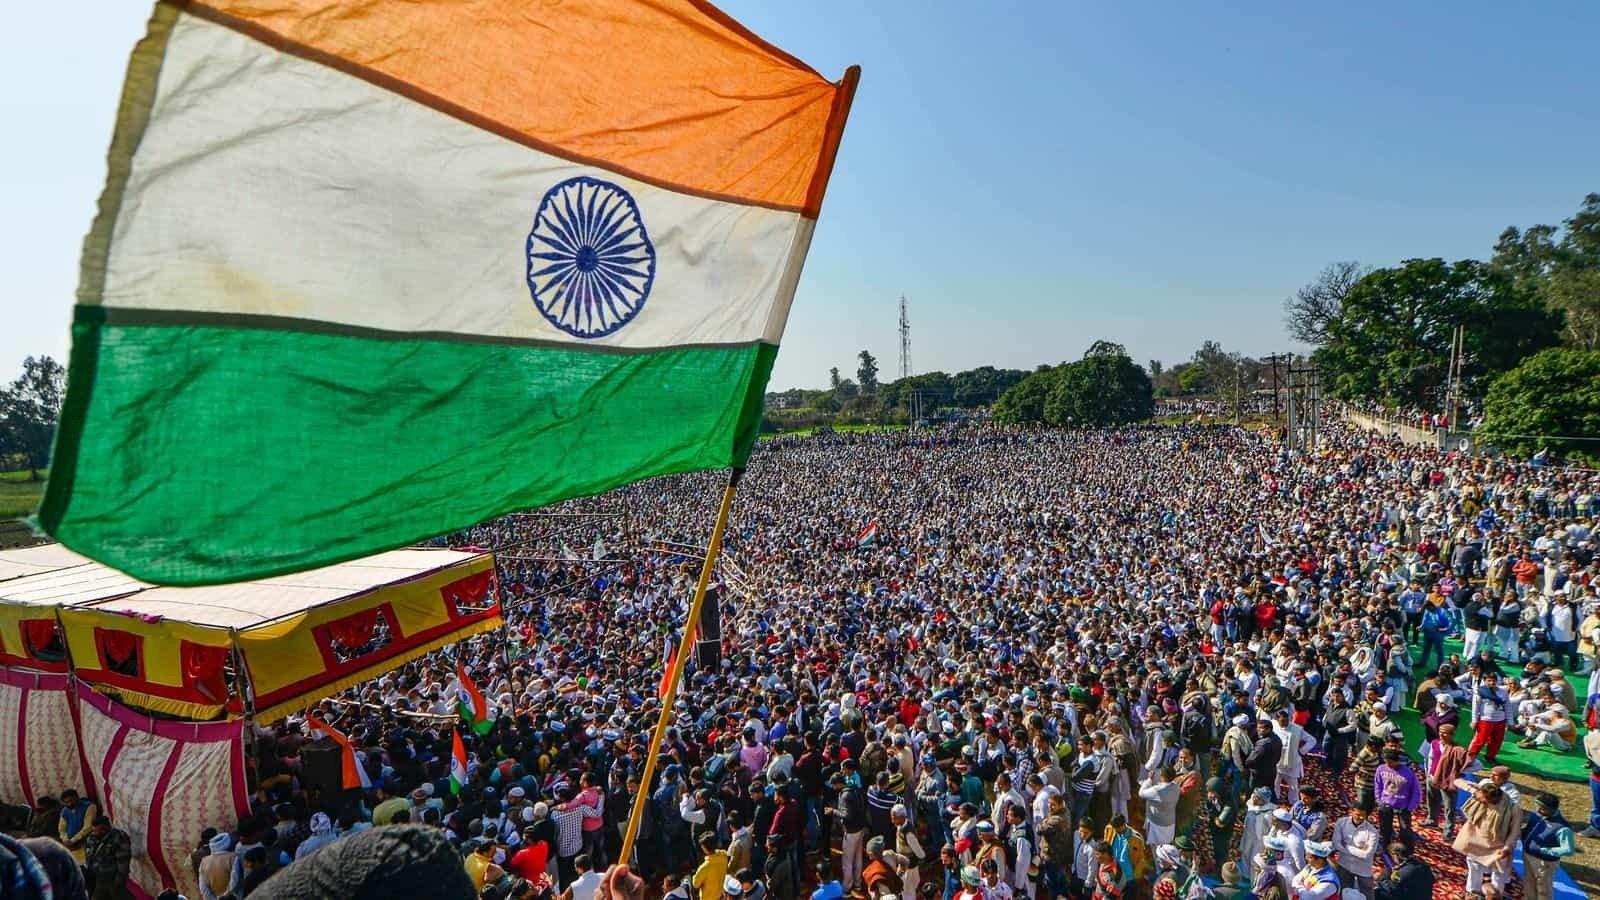 À quoi ressemblera l'Inde du futur ?